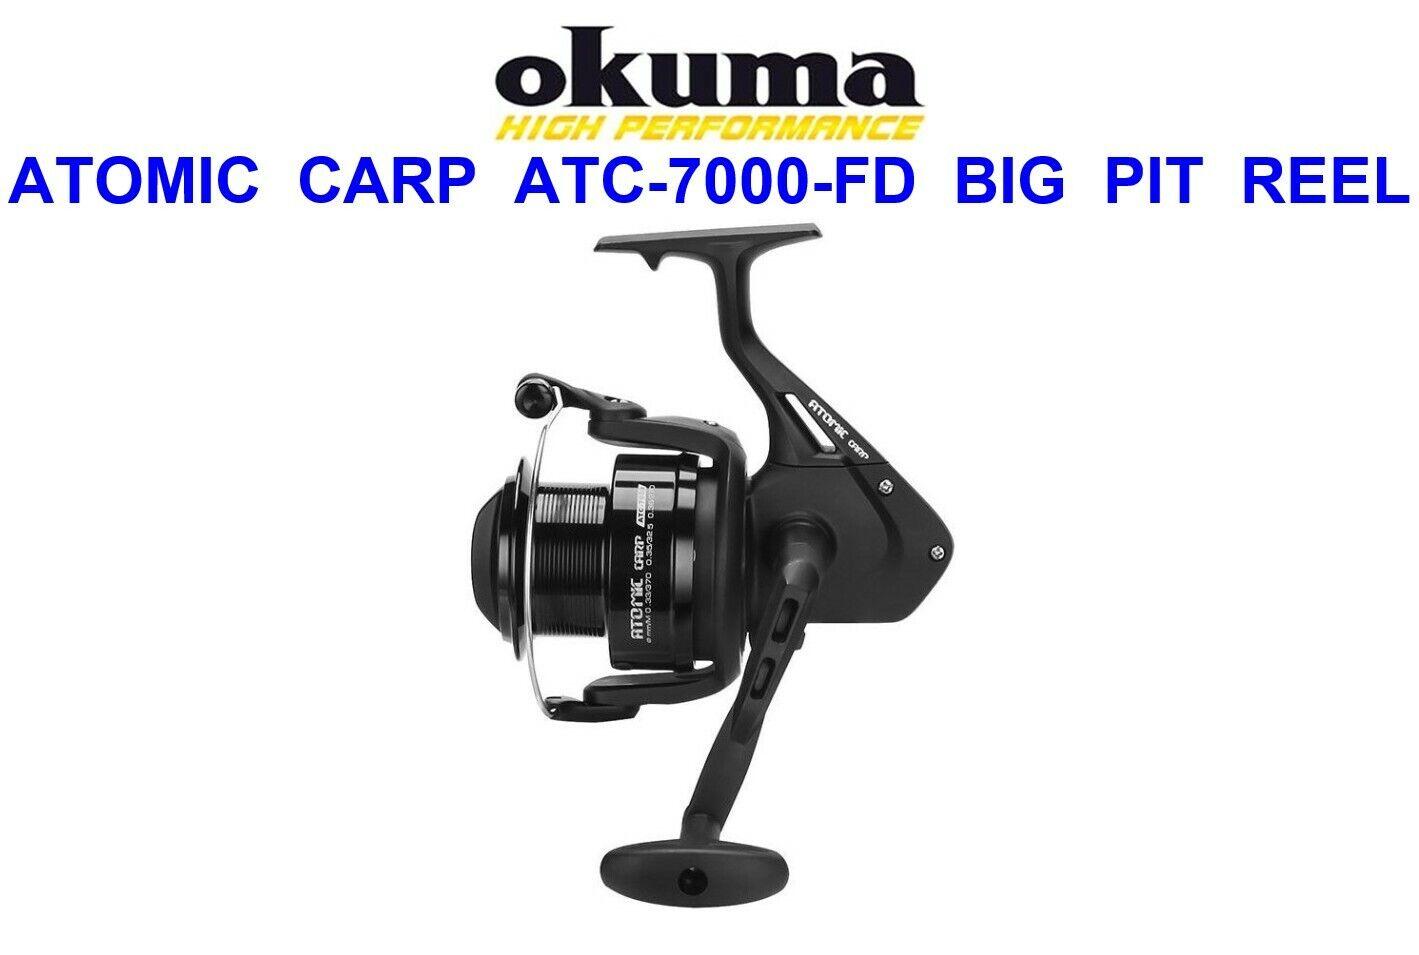 Okuma Atomic Carp ATC-7000 Reel Front Drag